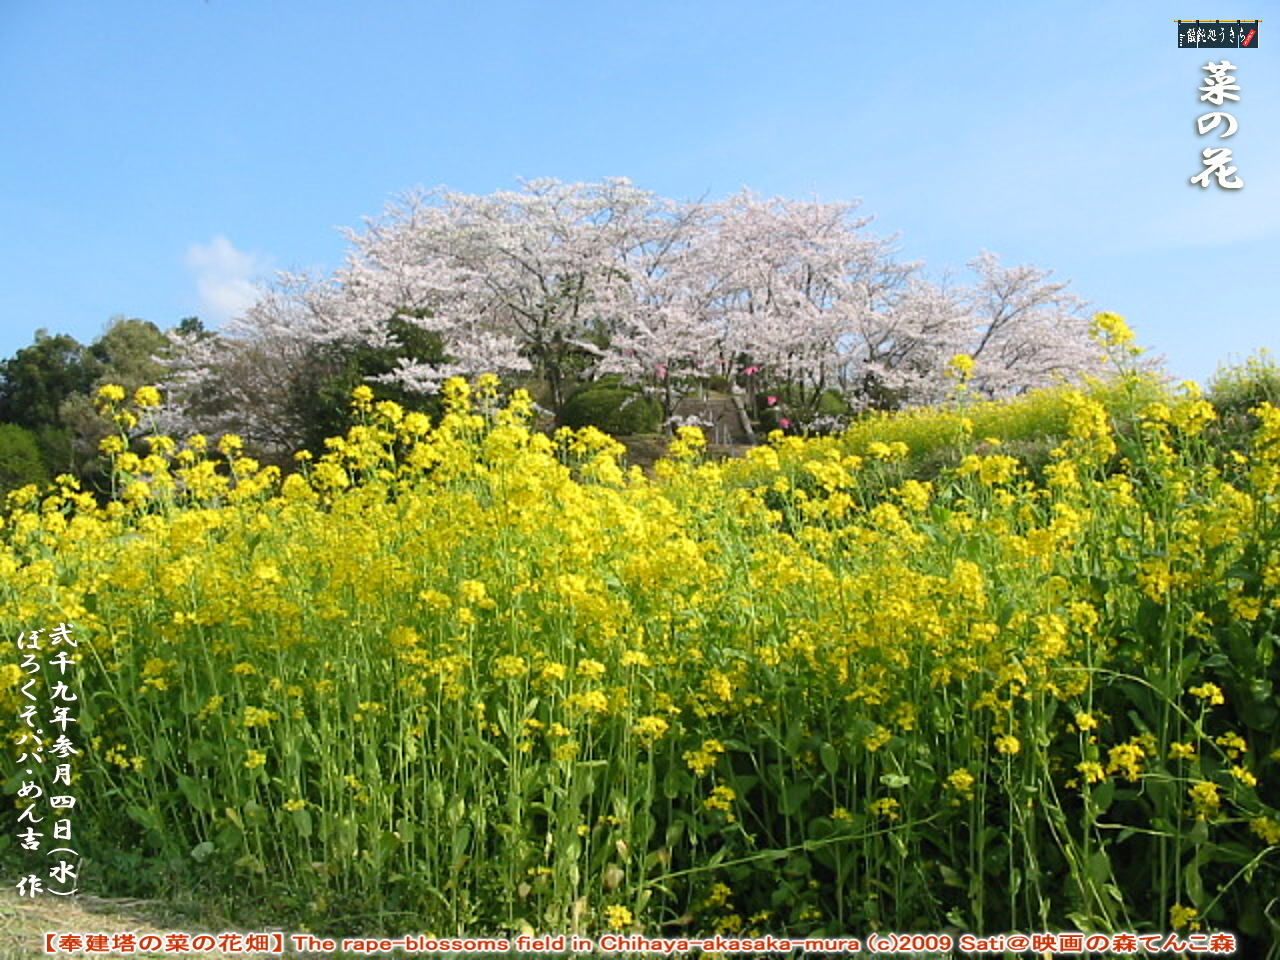 3/4(水)菜の花【奉建塔の菜の花畑】 The rape-blossoms field in Chihaya-akasaka-mura (c)2009 Sati@映画の森てんこ森 @キャツピ&めん吉の【ぼろくそパパの独り言】    ▼クリックで1280x960pxlsに拡大します。